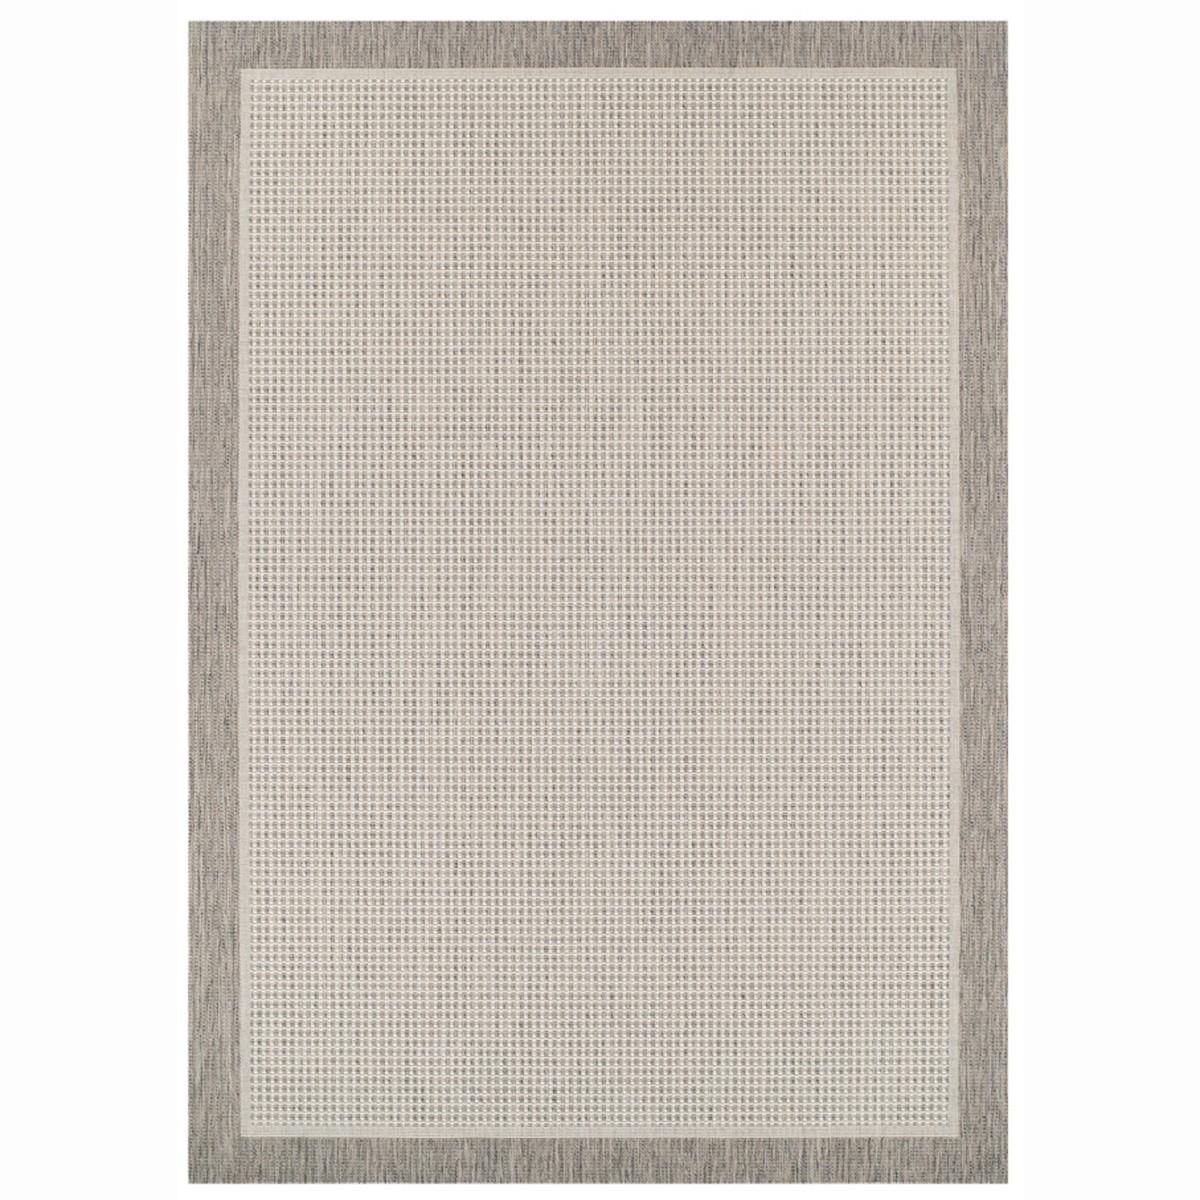 Καλοκαιρινό Χαλί (160x235) Royal Carpets Sand 2822 I